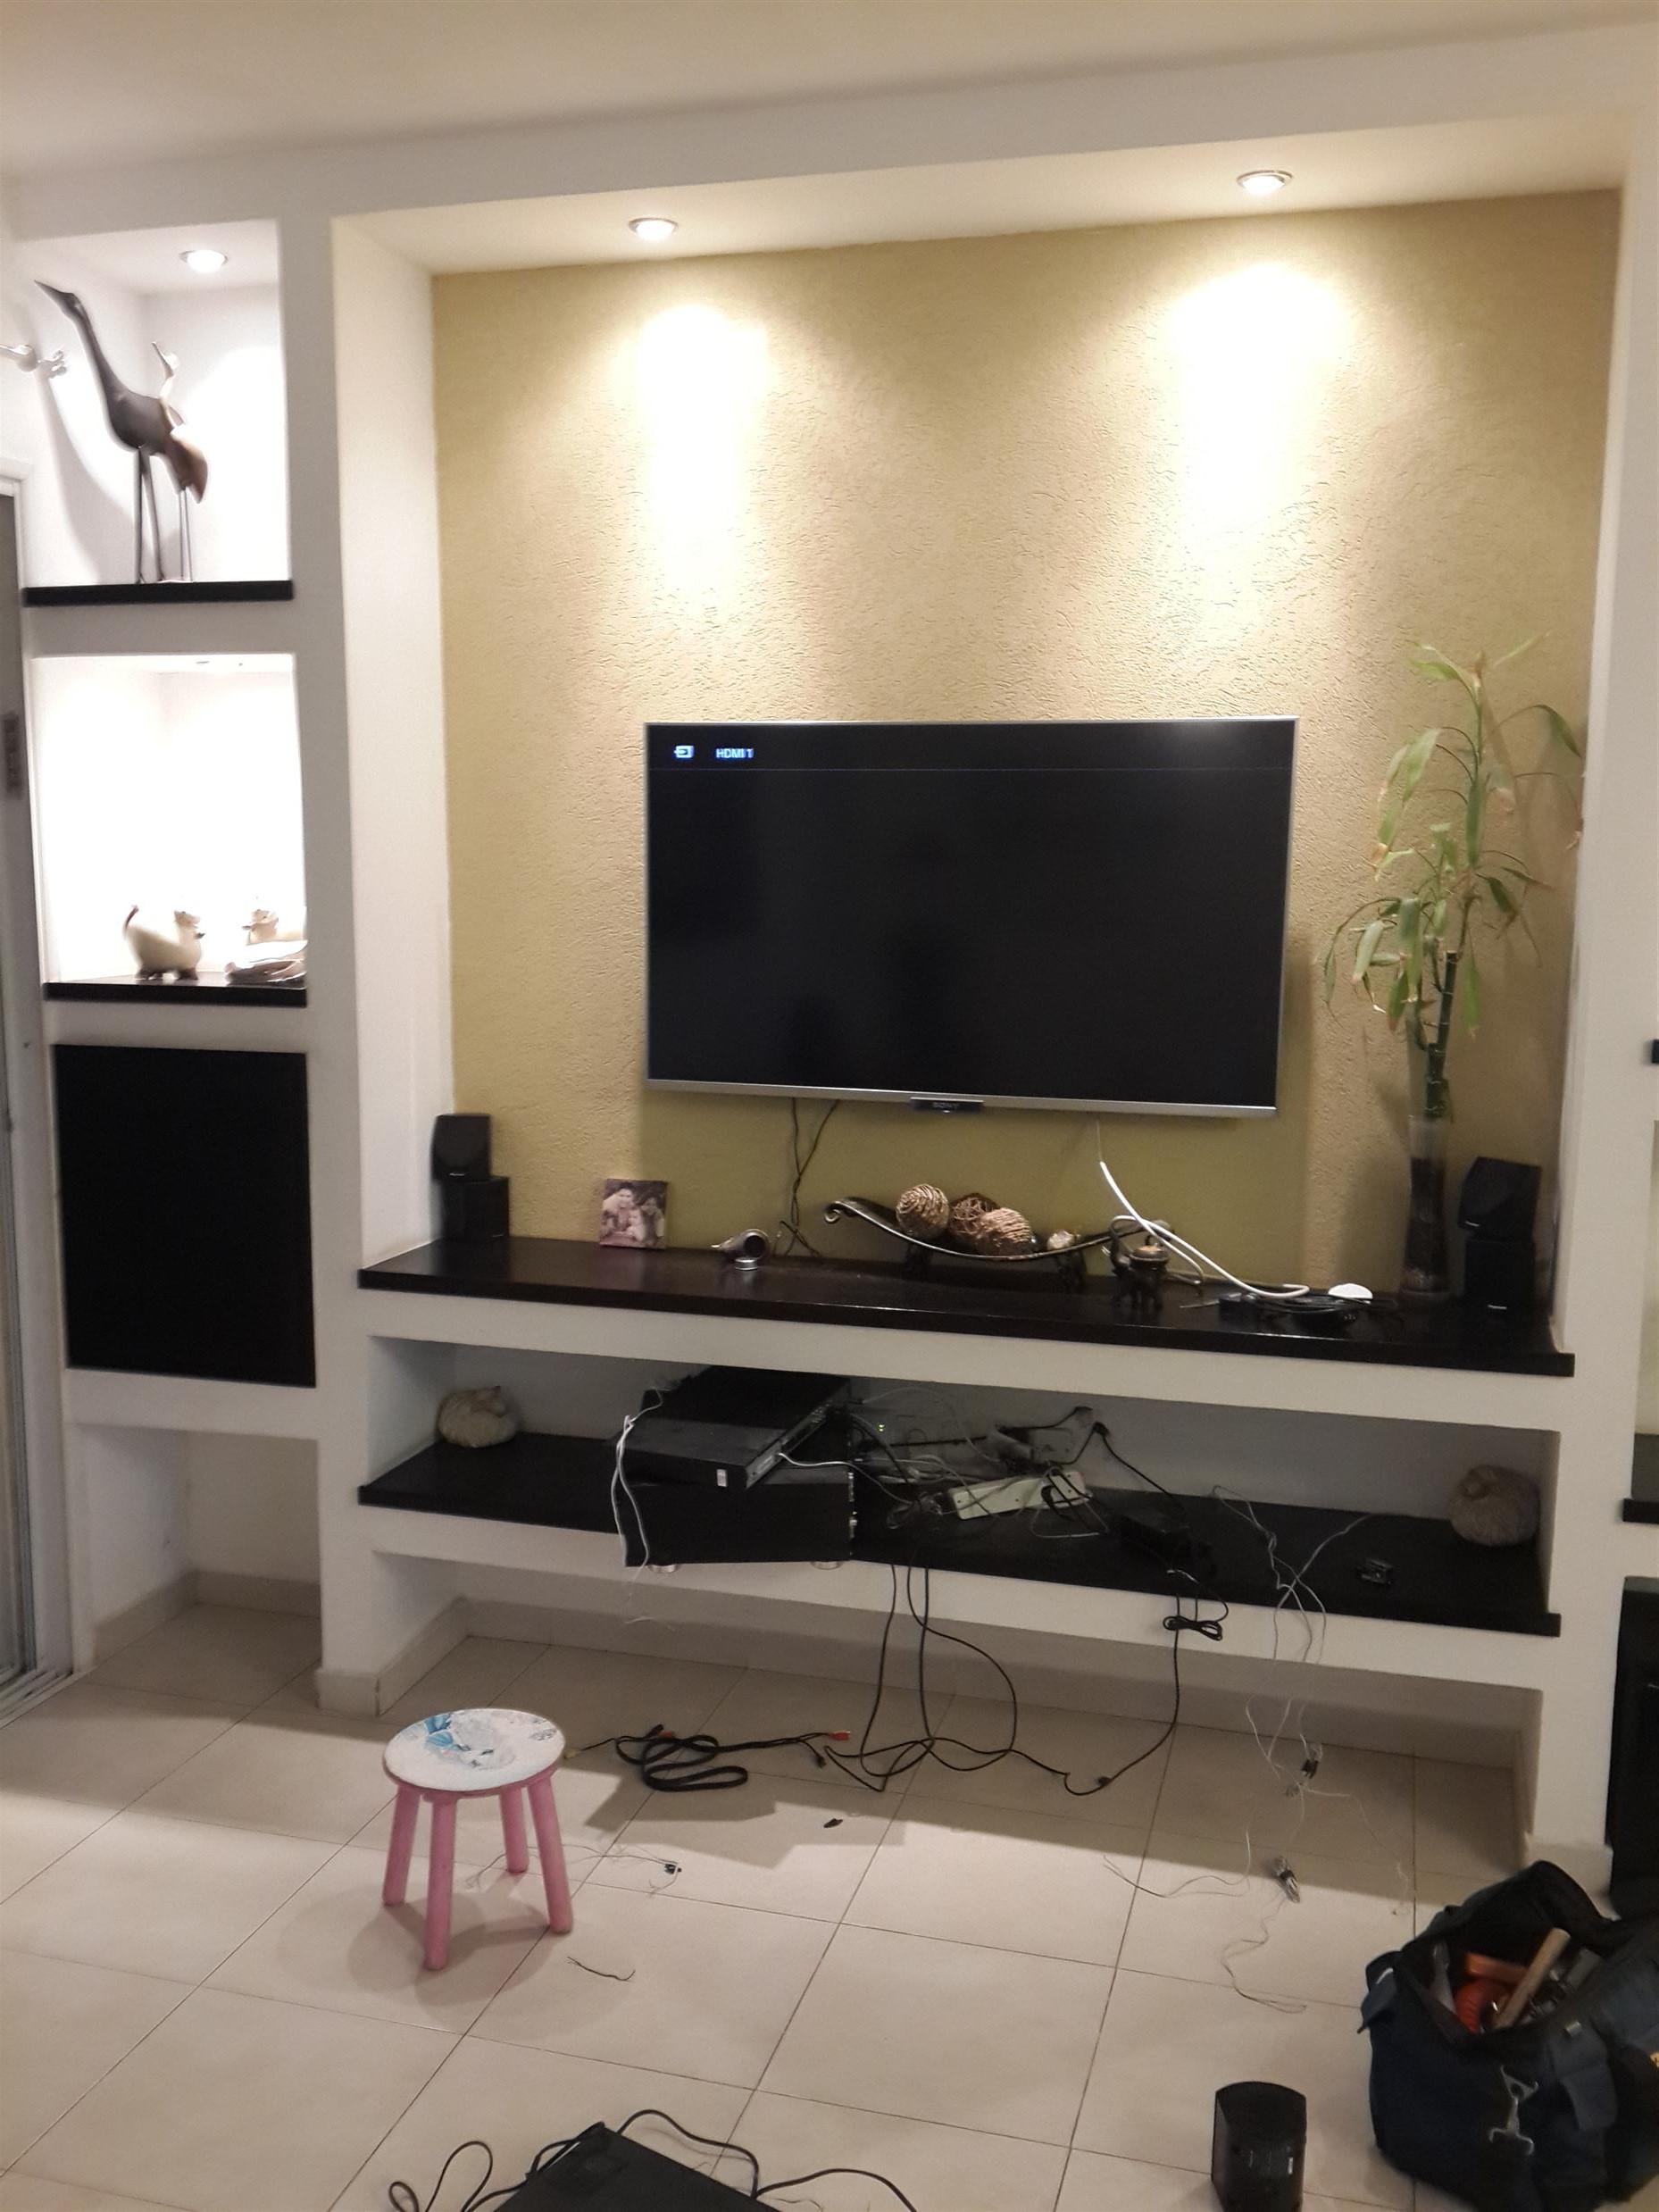 נטו קונטרול - התקנת SMART TV